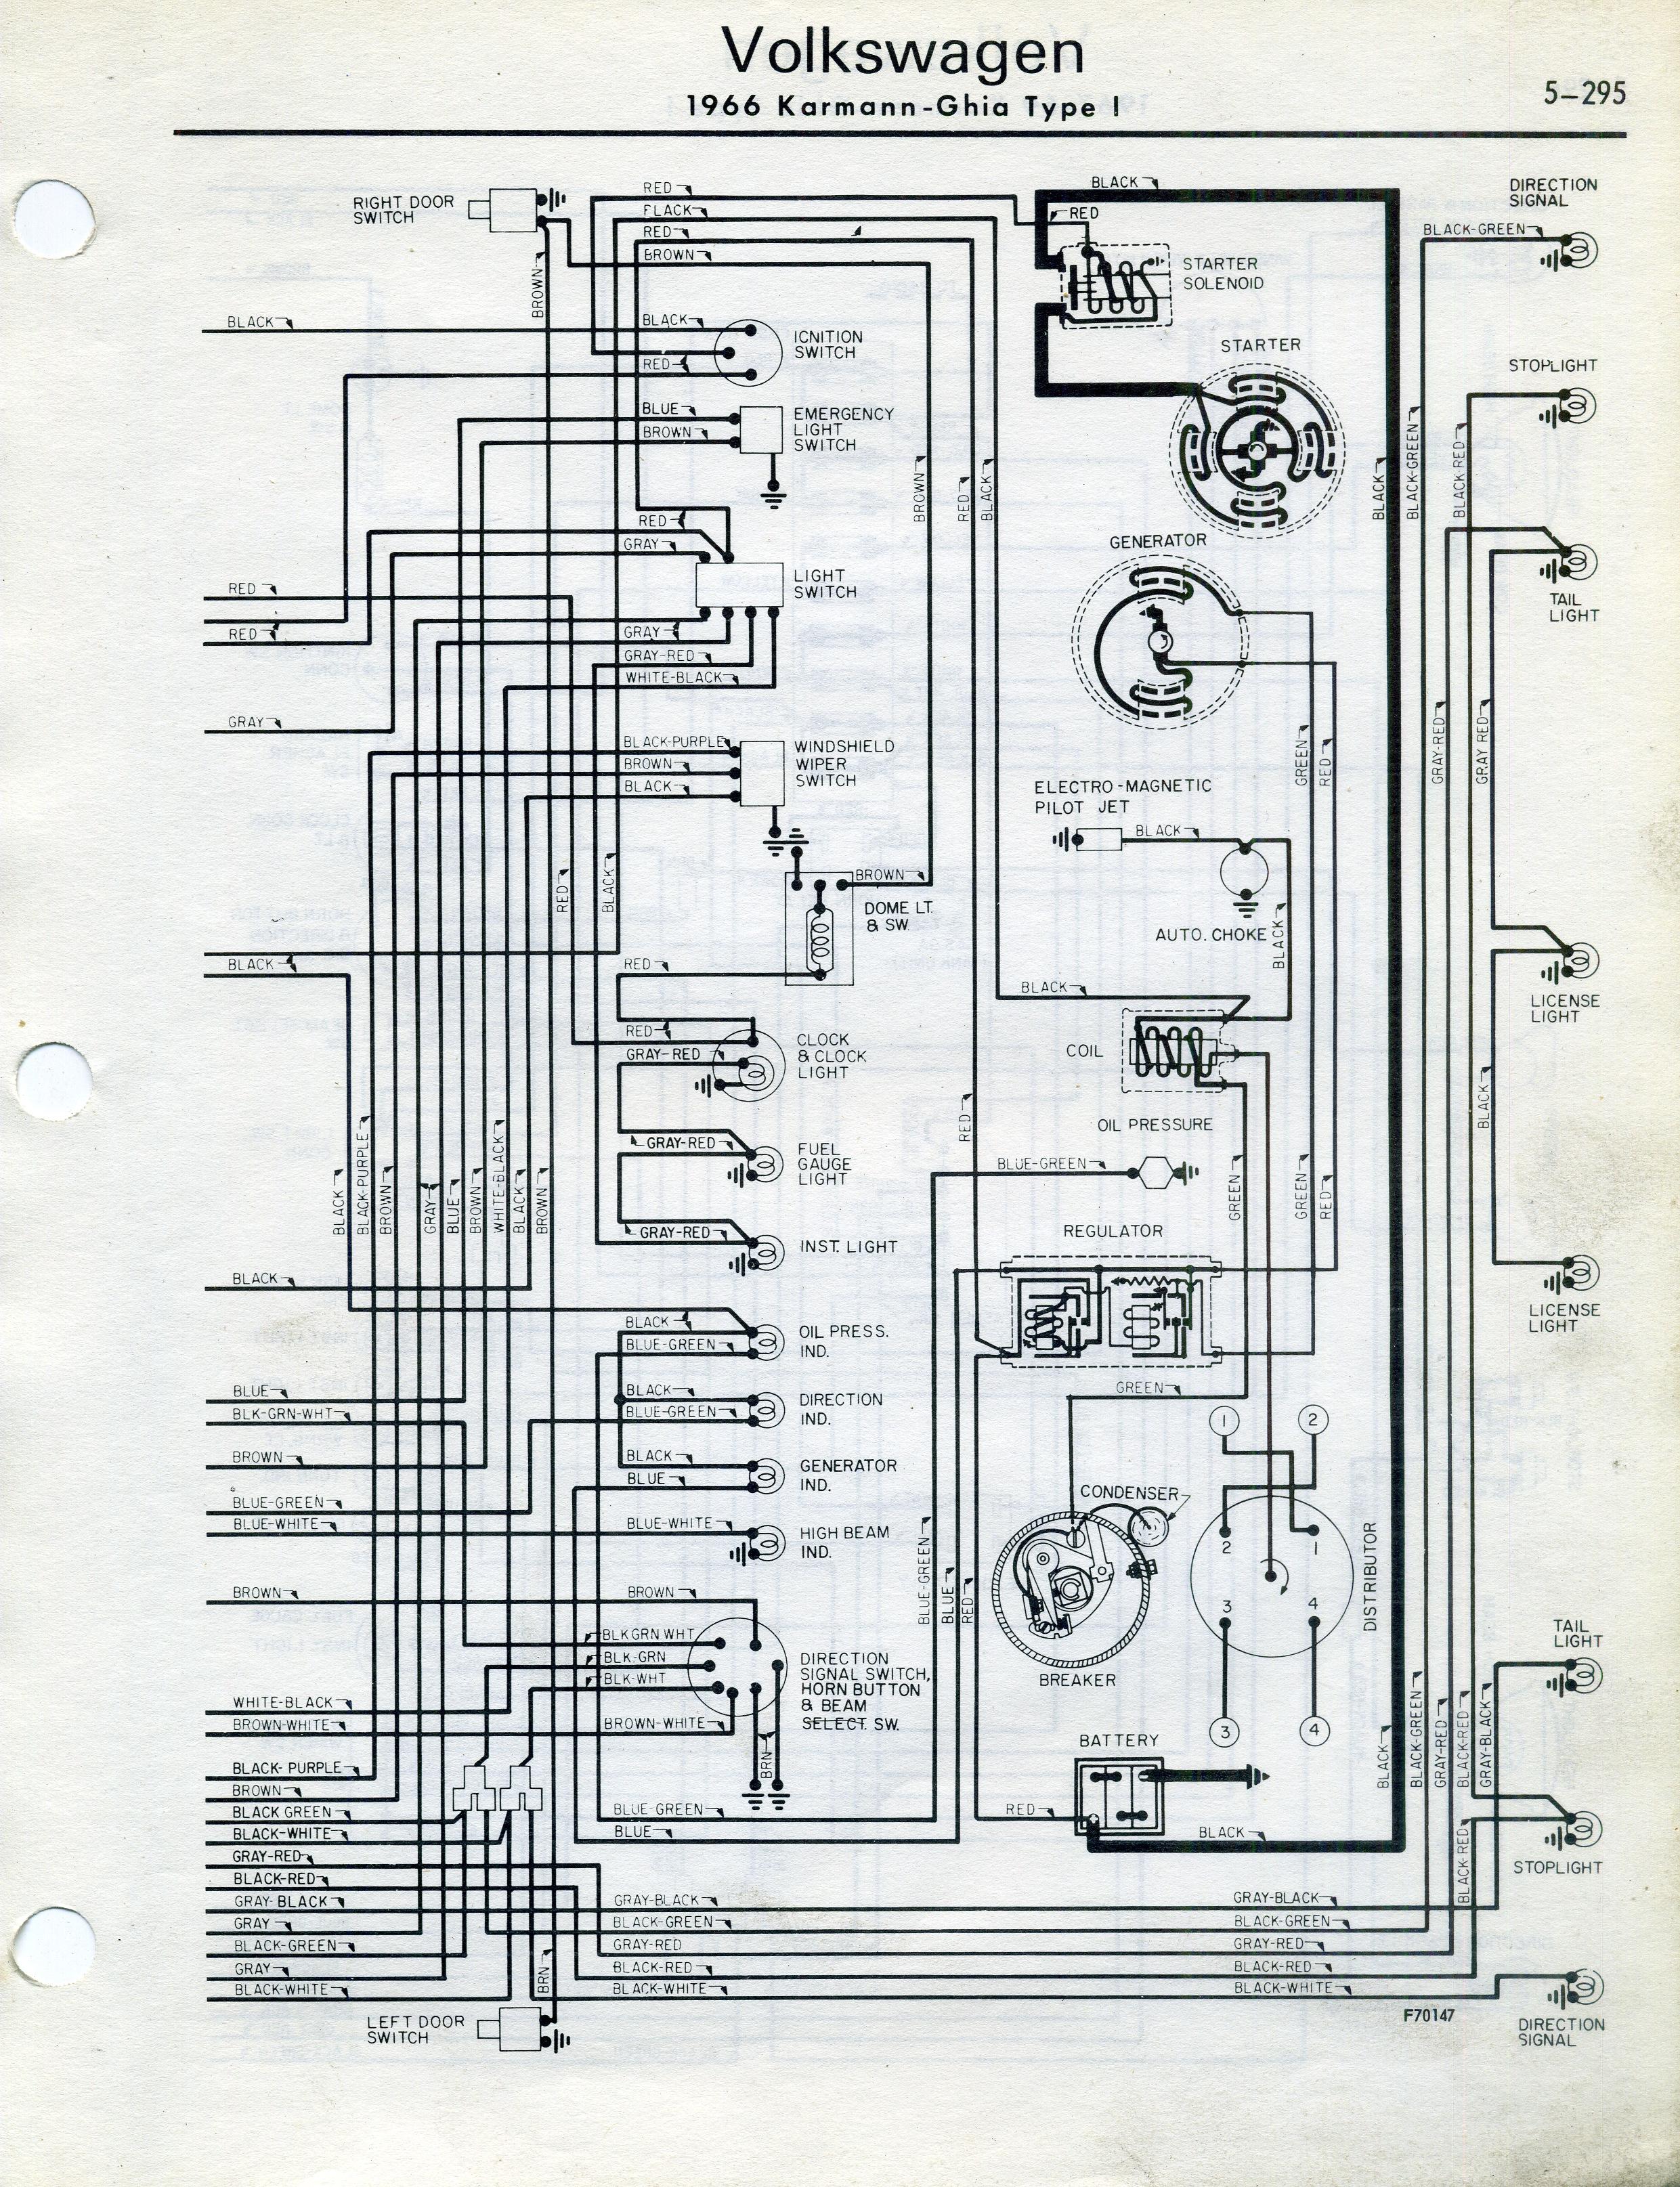 Fine Bennett Trim Tabs Wiring Diagram Gallery - Wiring Diagram Ideas ...